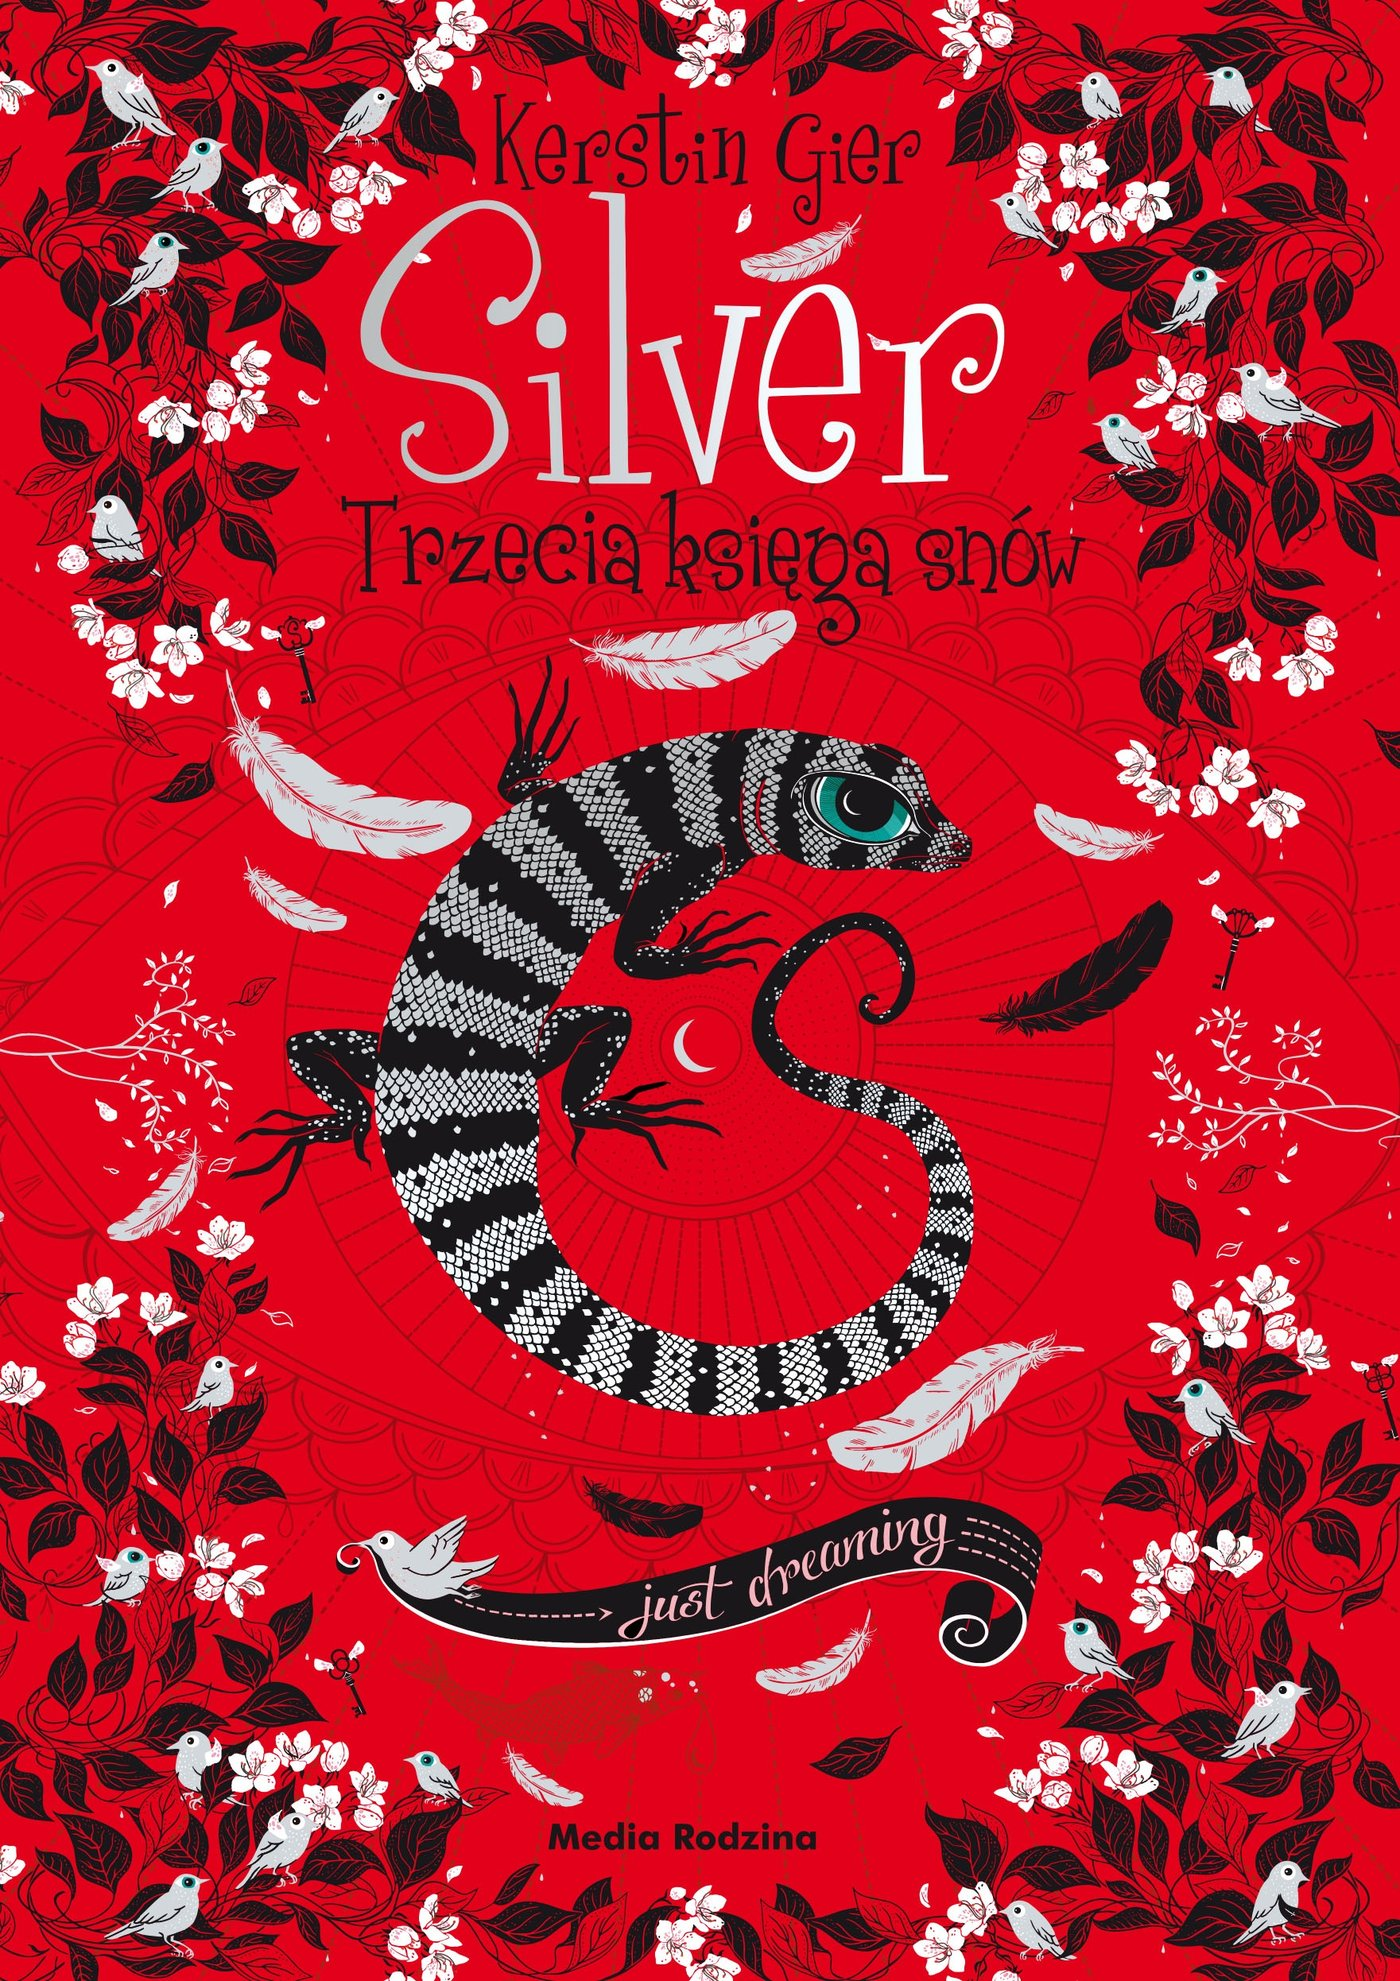 Silver - trzecia księga snów - Ebook (Książka EPUB) do pobrania w formacie EPUB